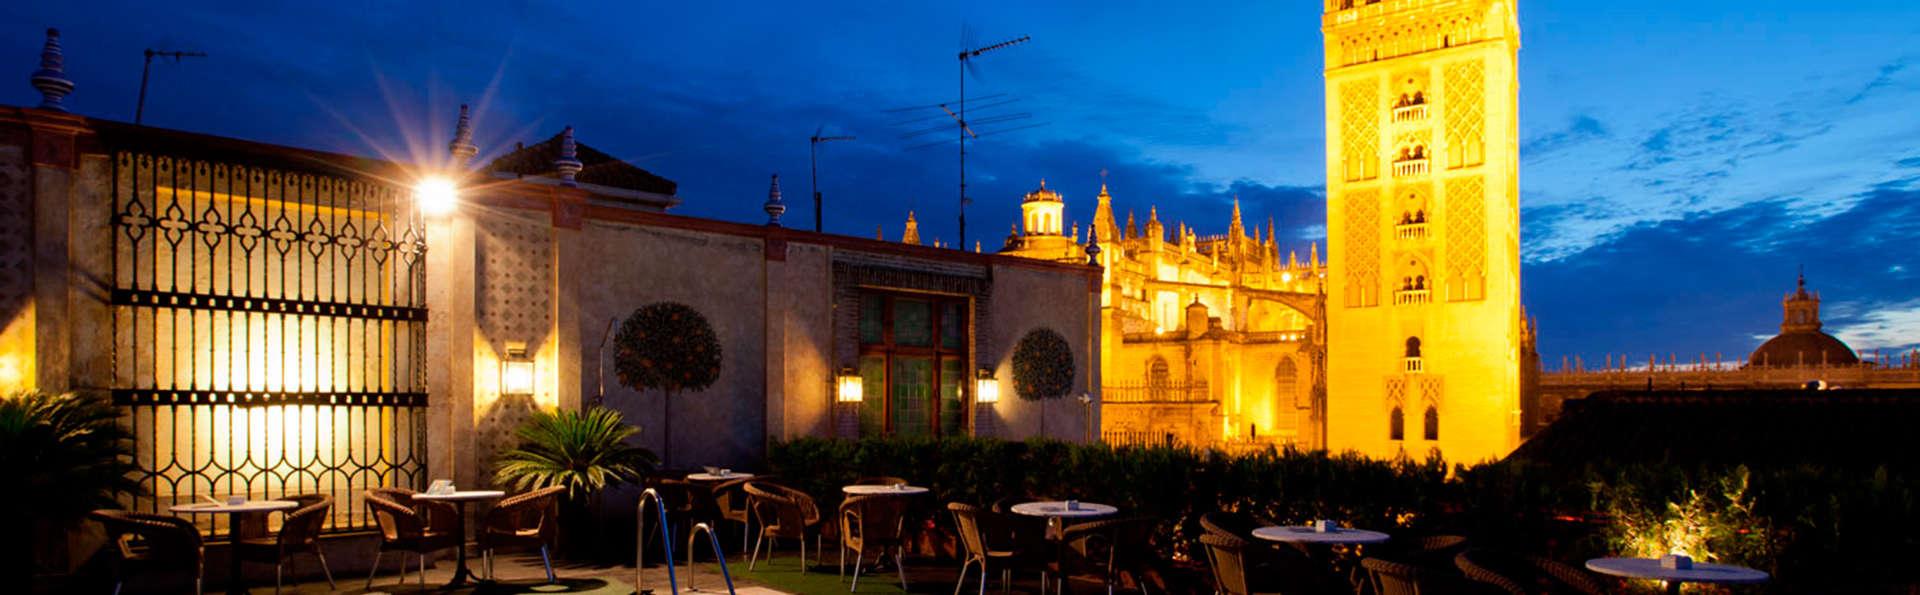 Escapada en Sevilla con botella de bienvenida a tan solo 50 metros de la Giralda